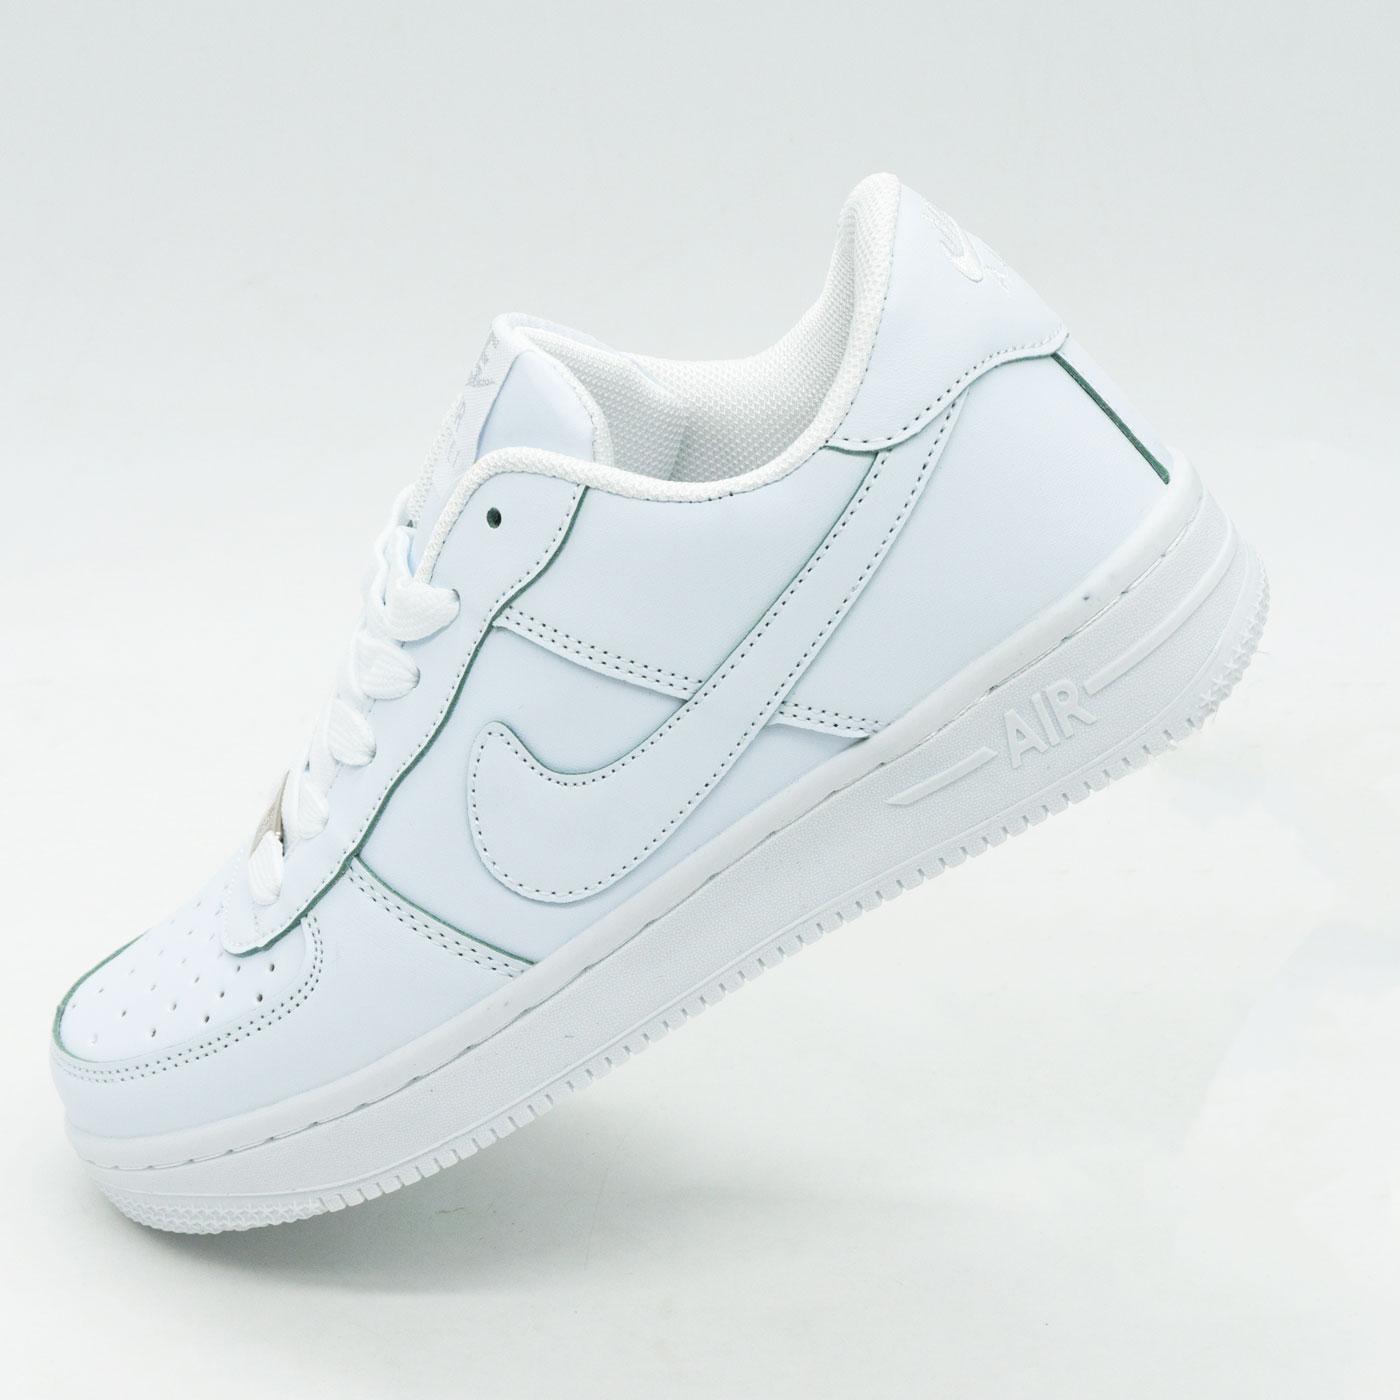 фото main Nike Air Force низкие белые main